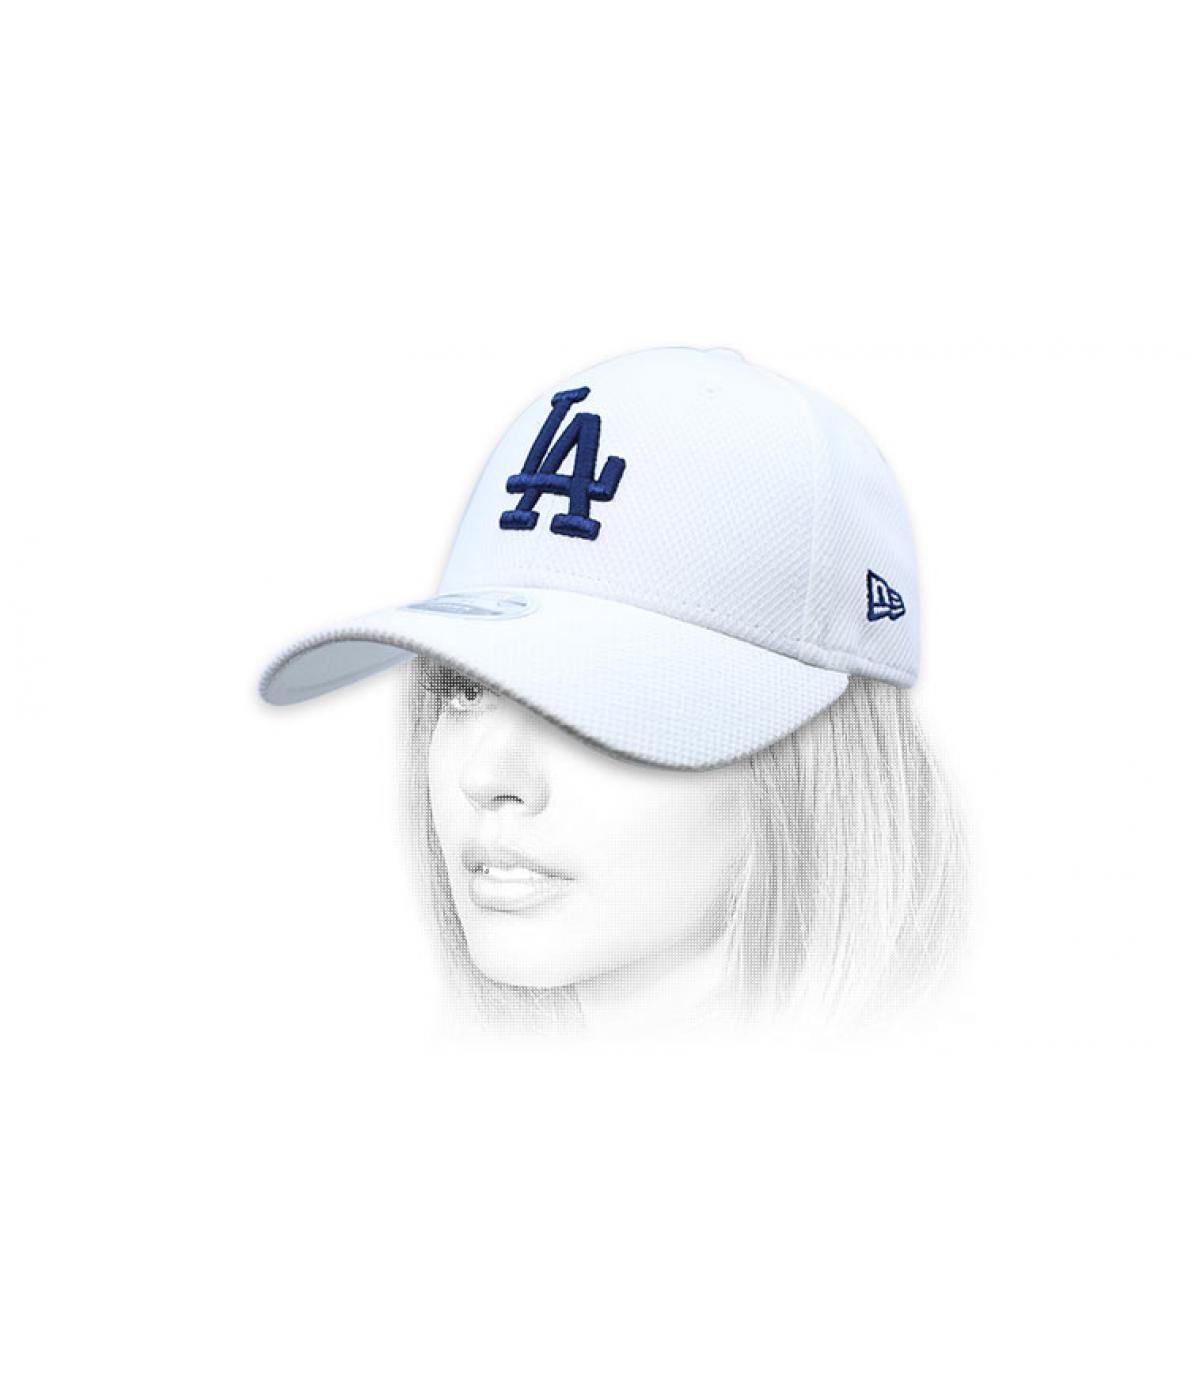 berretto LA donna bianco blu